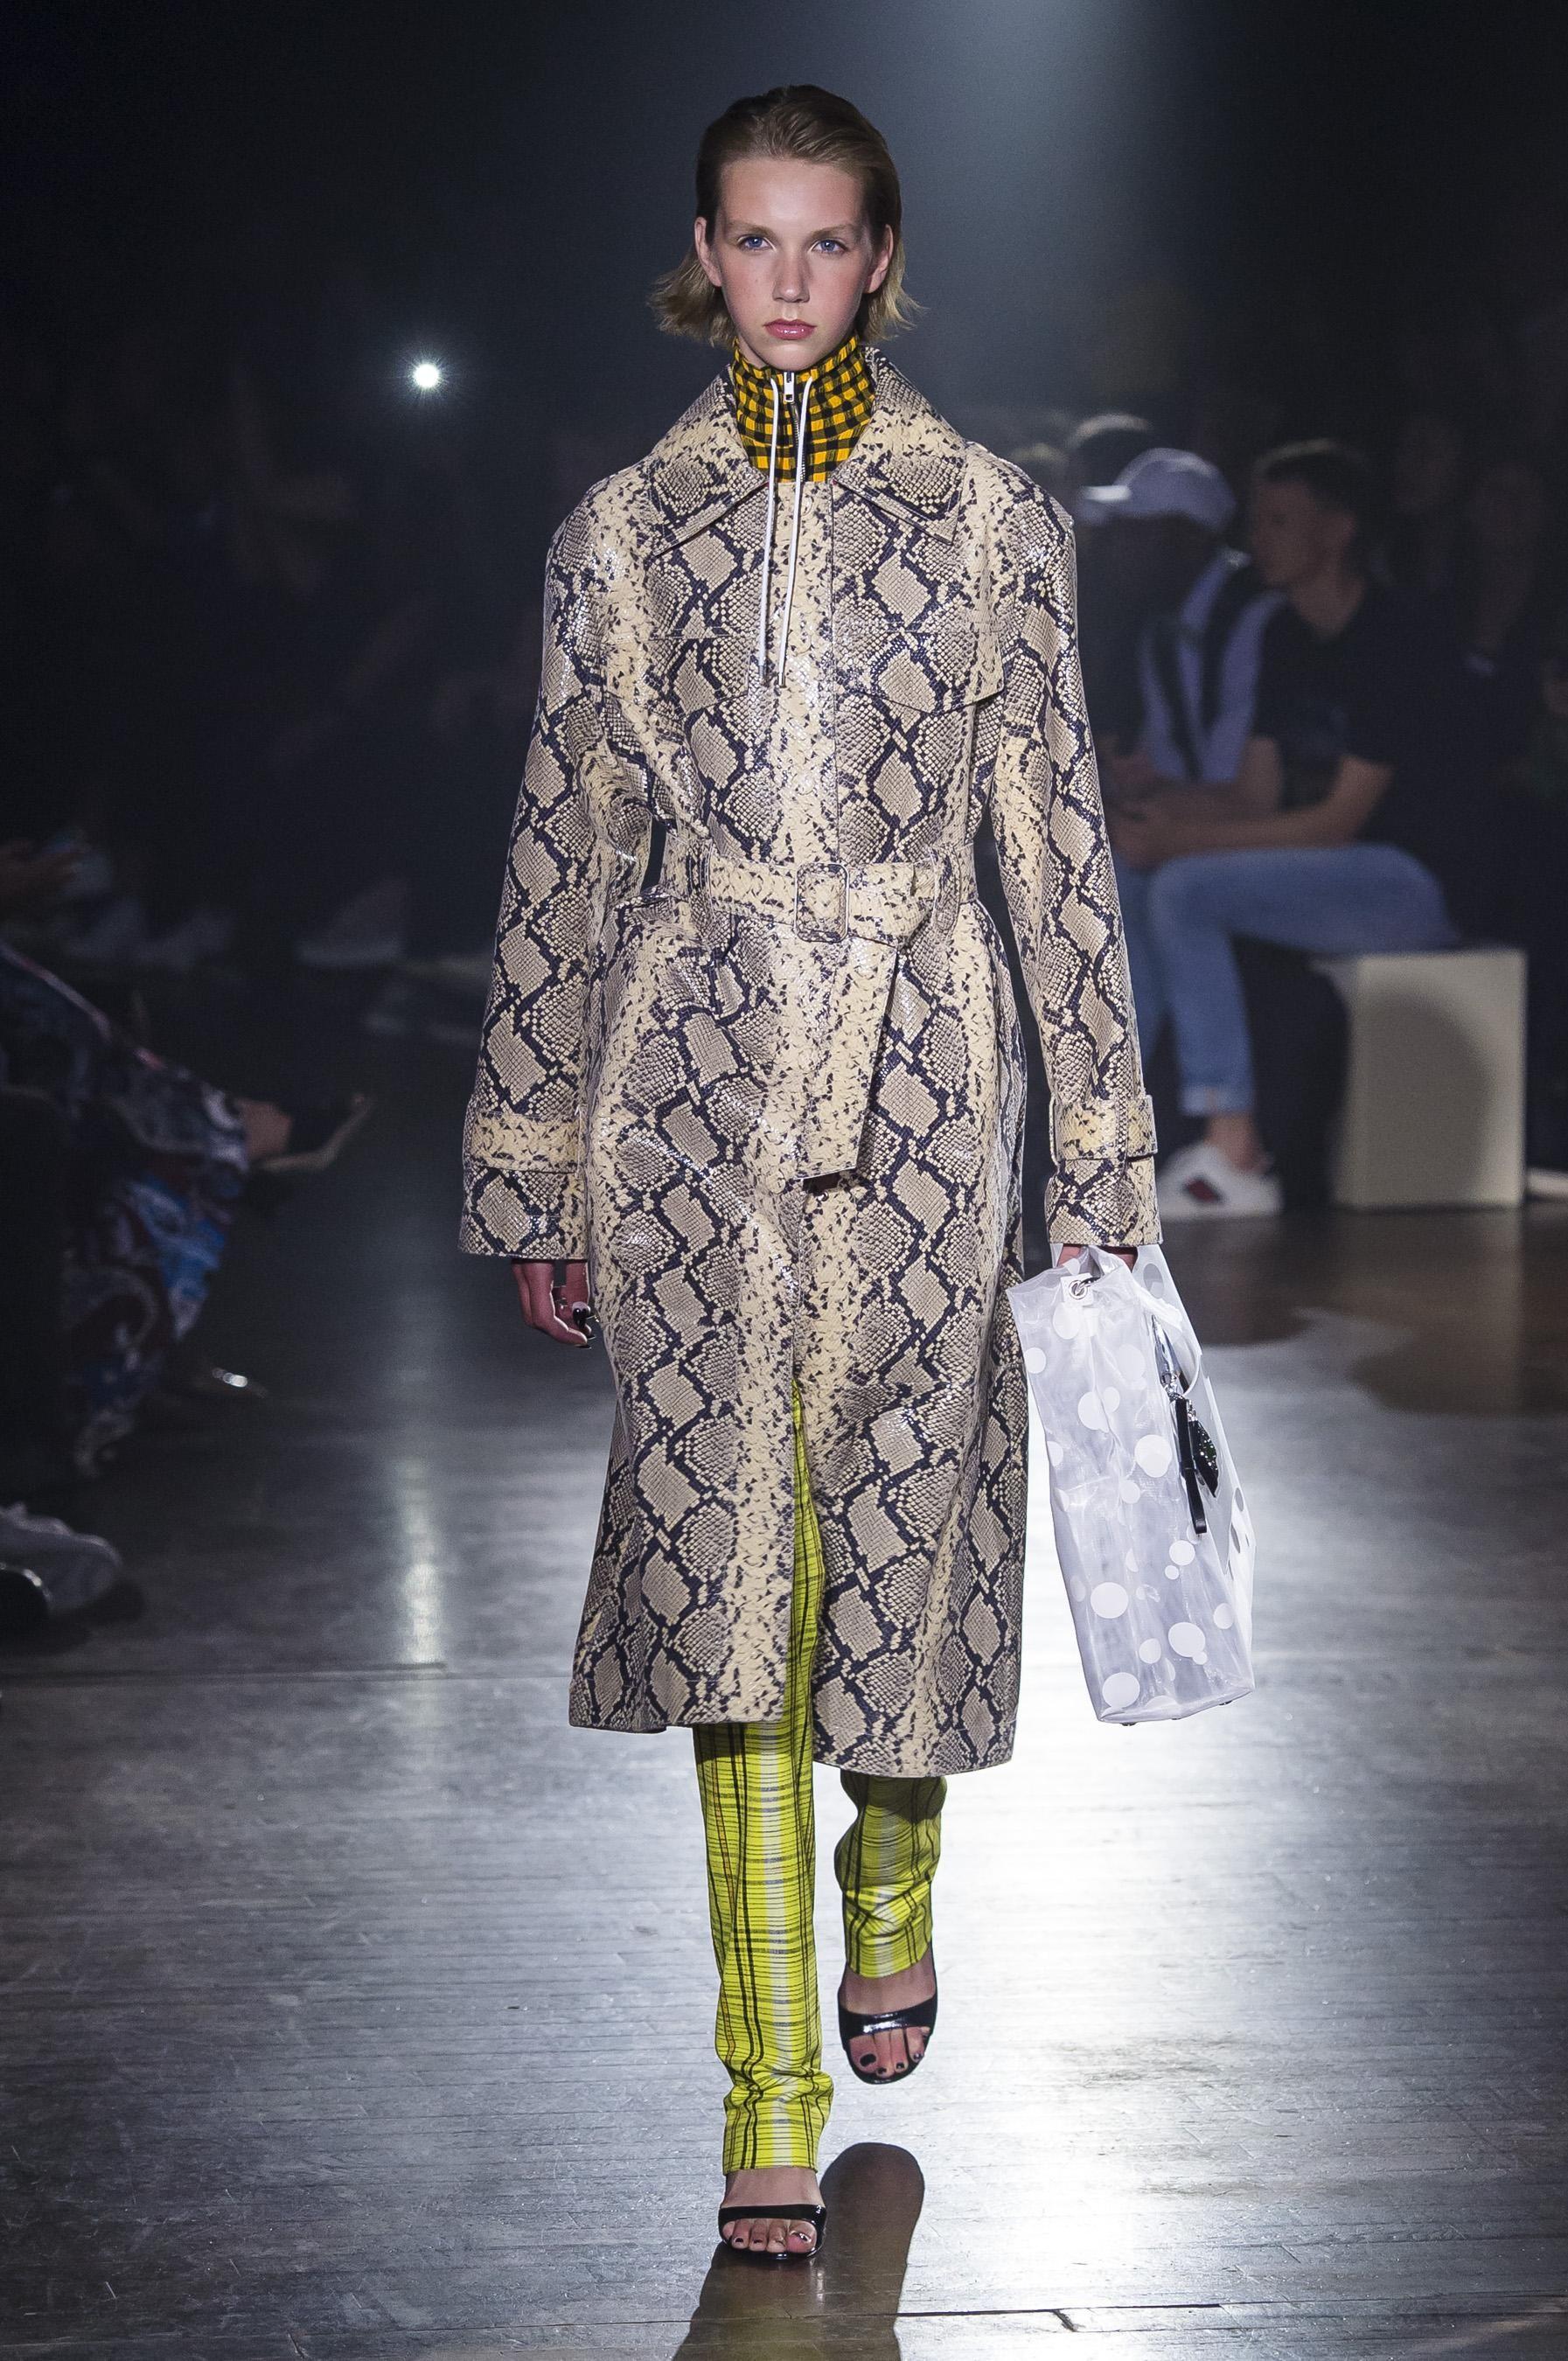 c26d7529f9da Défilé Kenzo printemps-été 2019 Homme - Madame Figaro